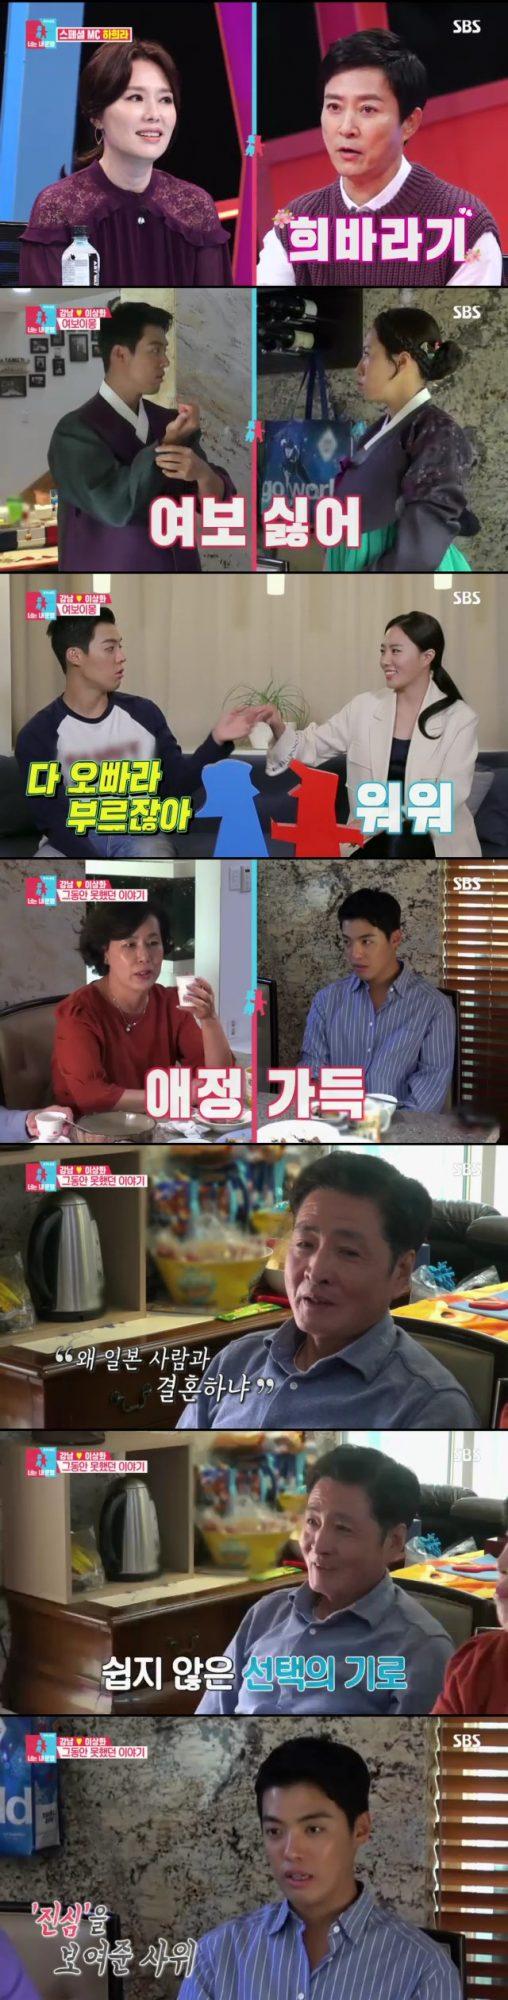 '동상이몽2' 방송 캡처. /사진제공=SBS